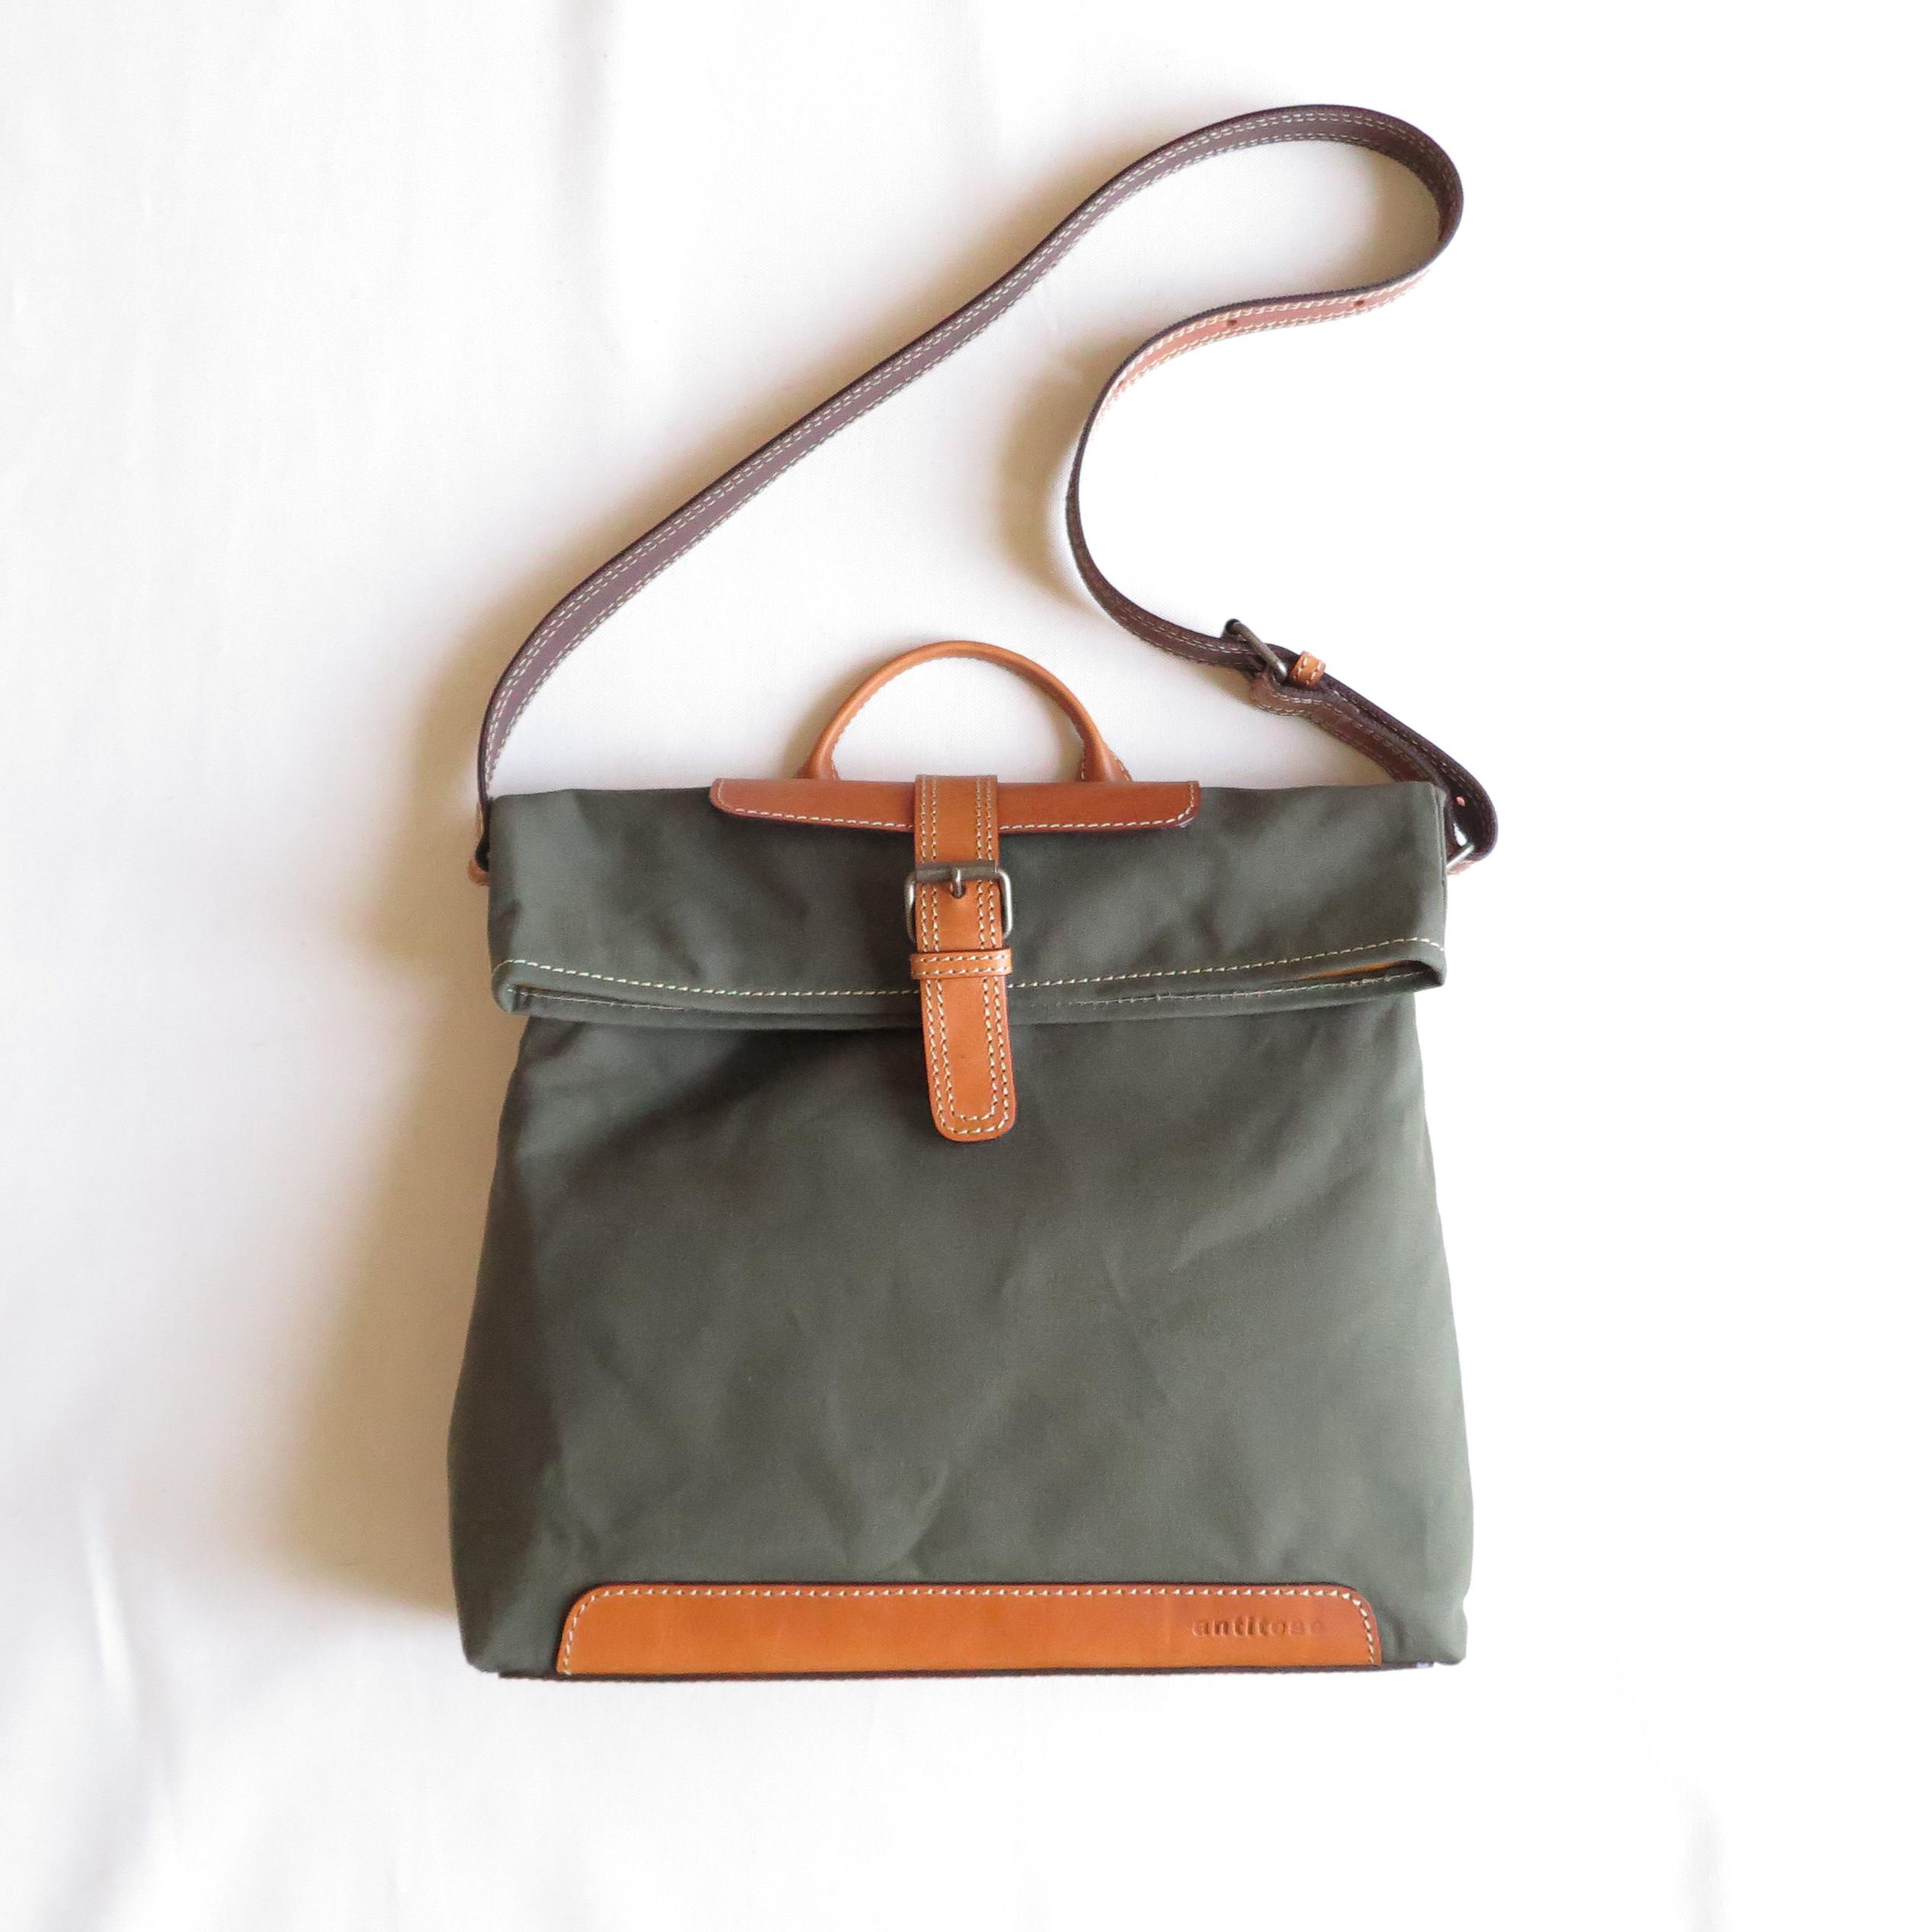 Paraffin canvas messenger bag OLIVE